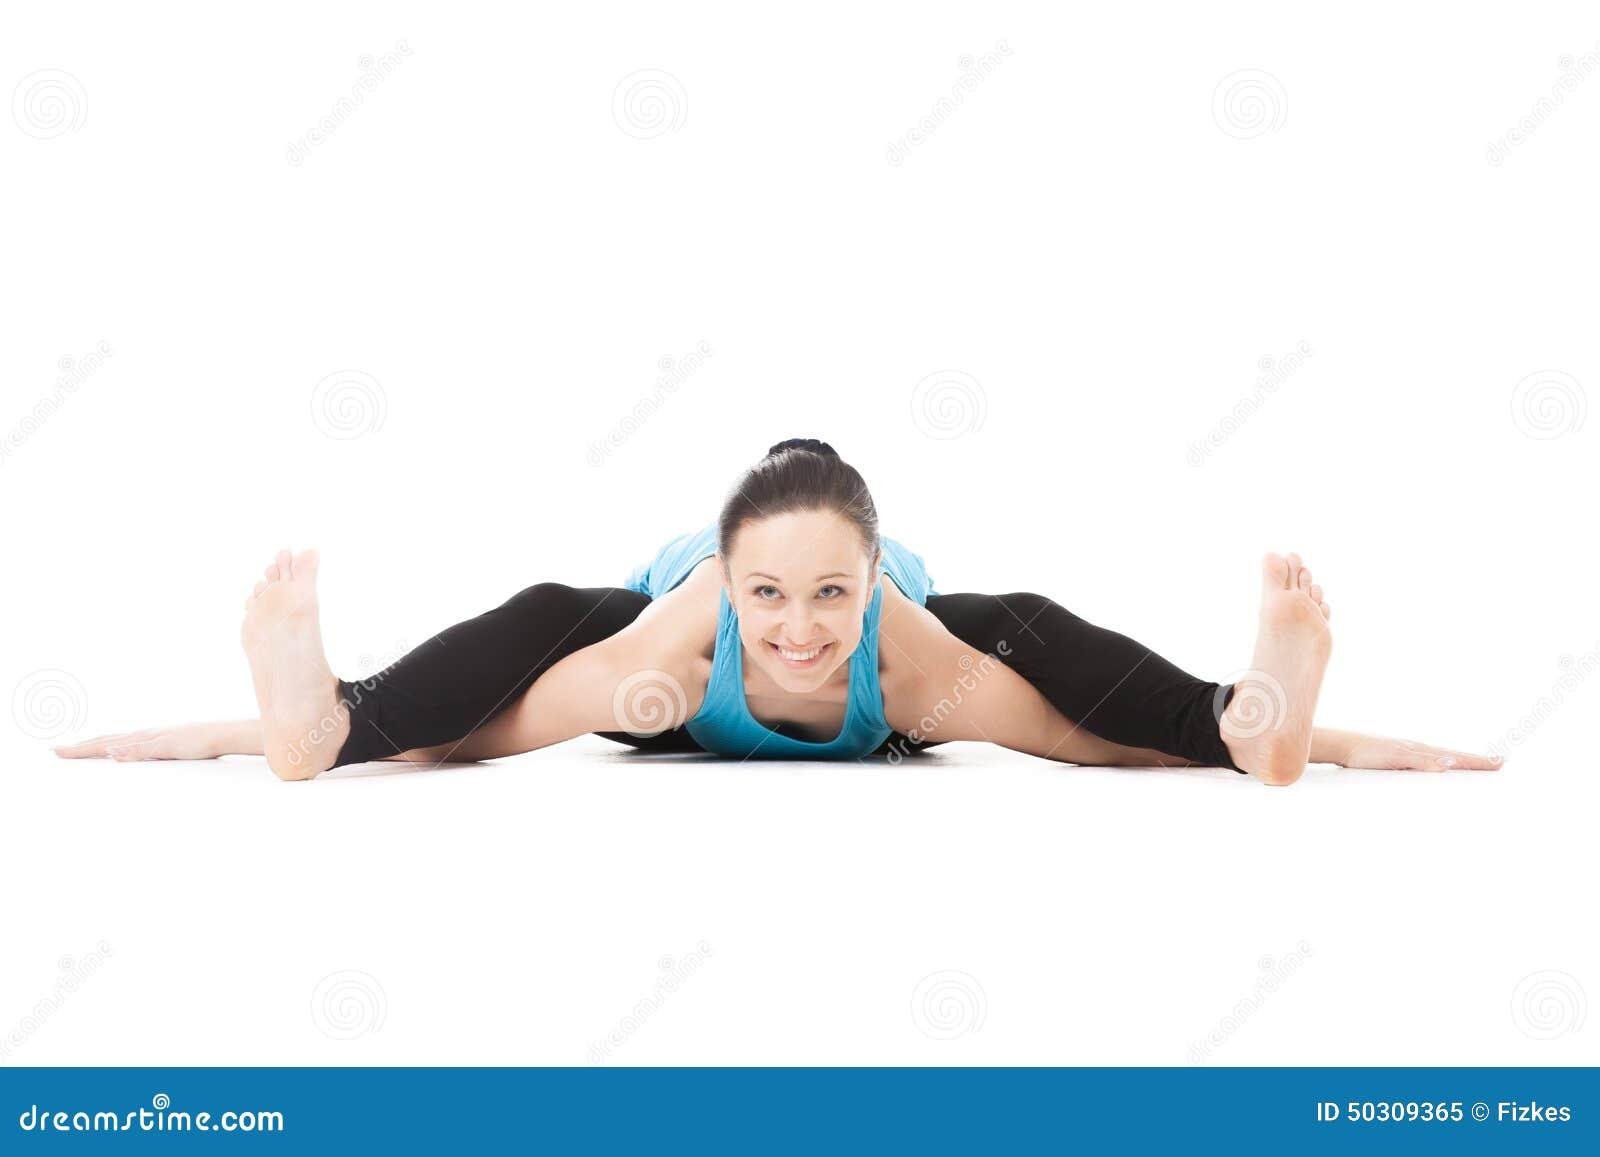 Yoga significati di alcune posizioni dello Hatha fisico Curvature-femminili-degli-yogi-avanti-nella-posa-della-tartaruga-di-asana-di-yoga-50309365